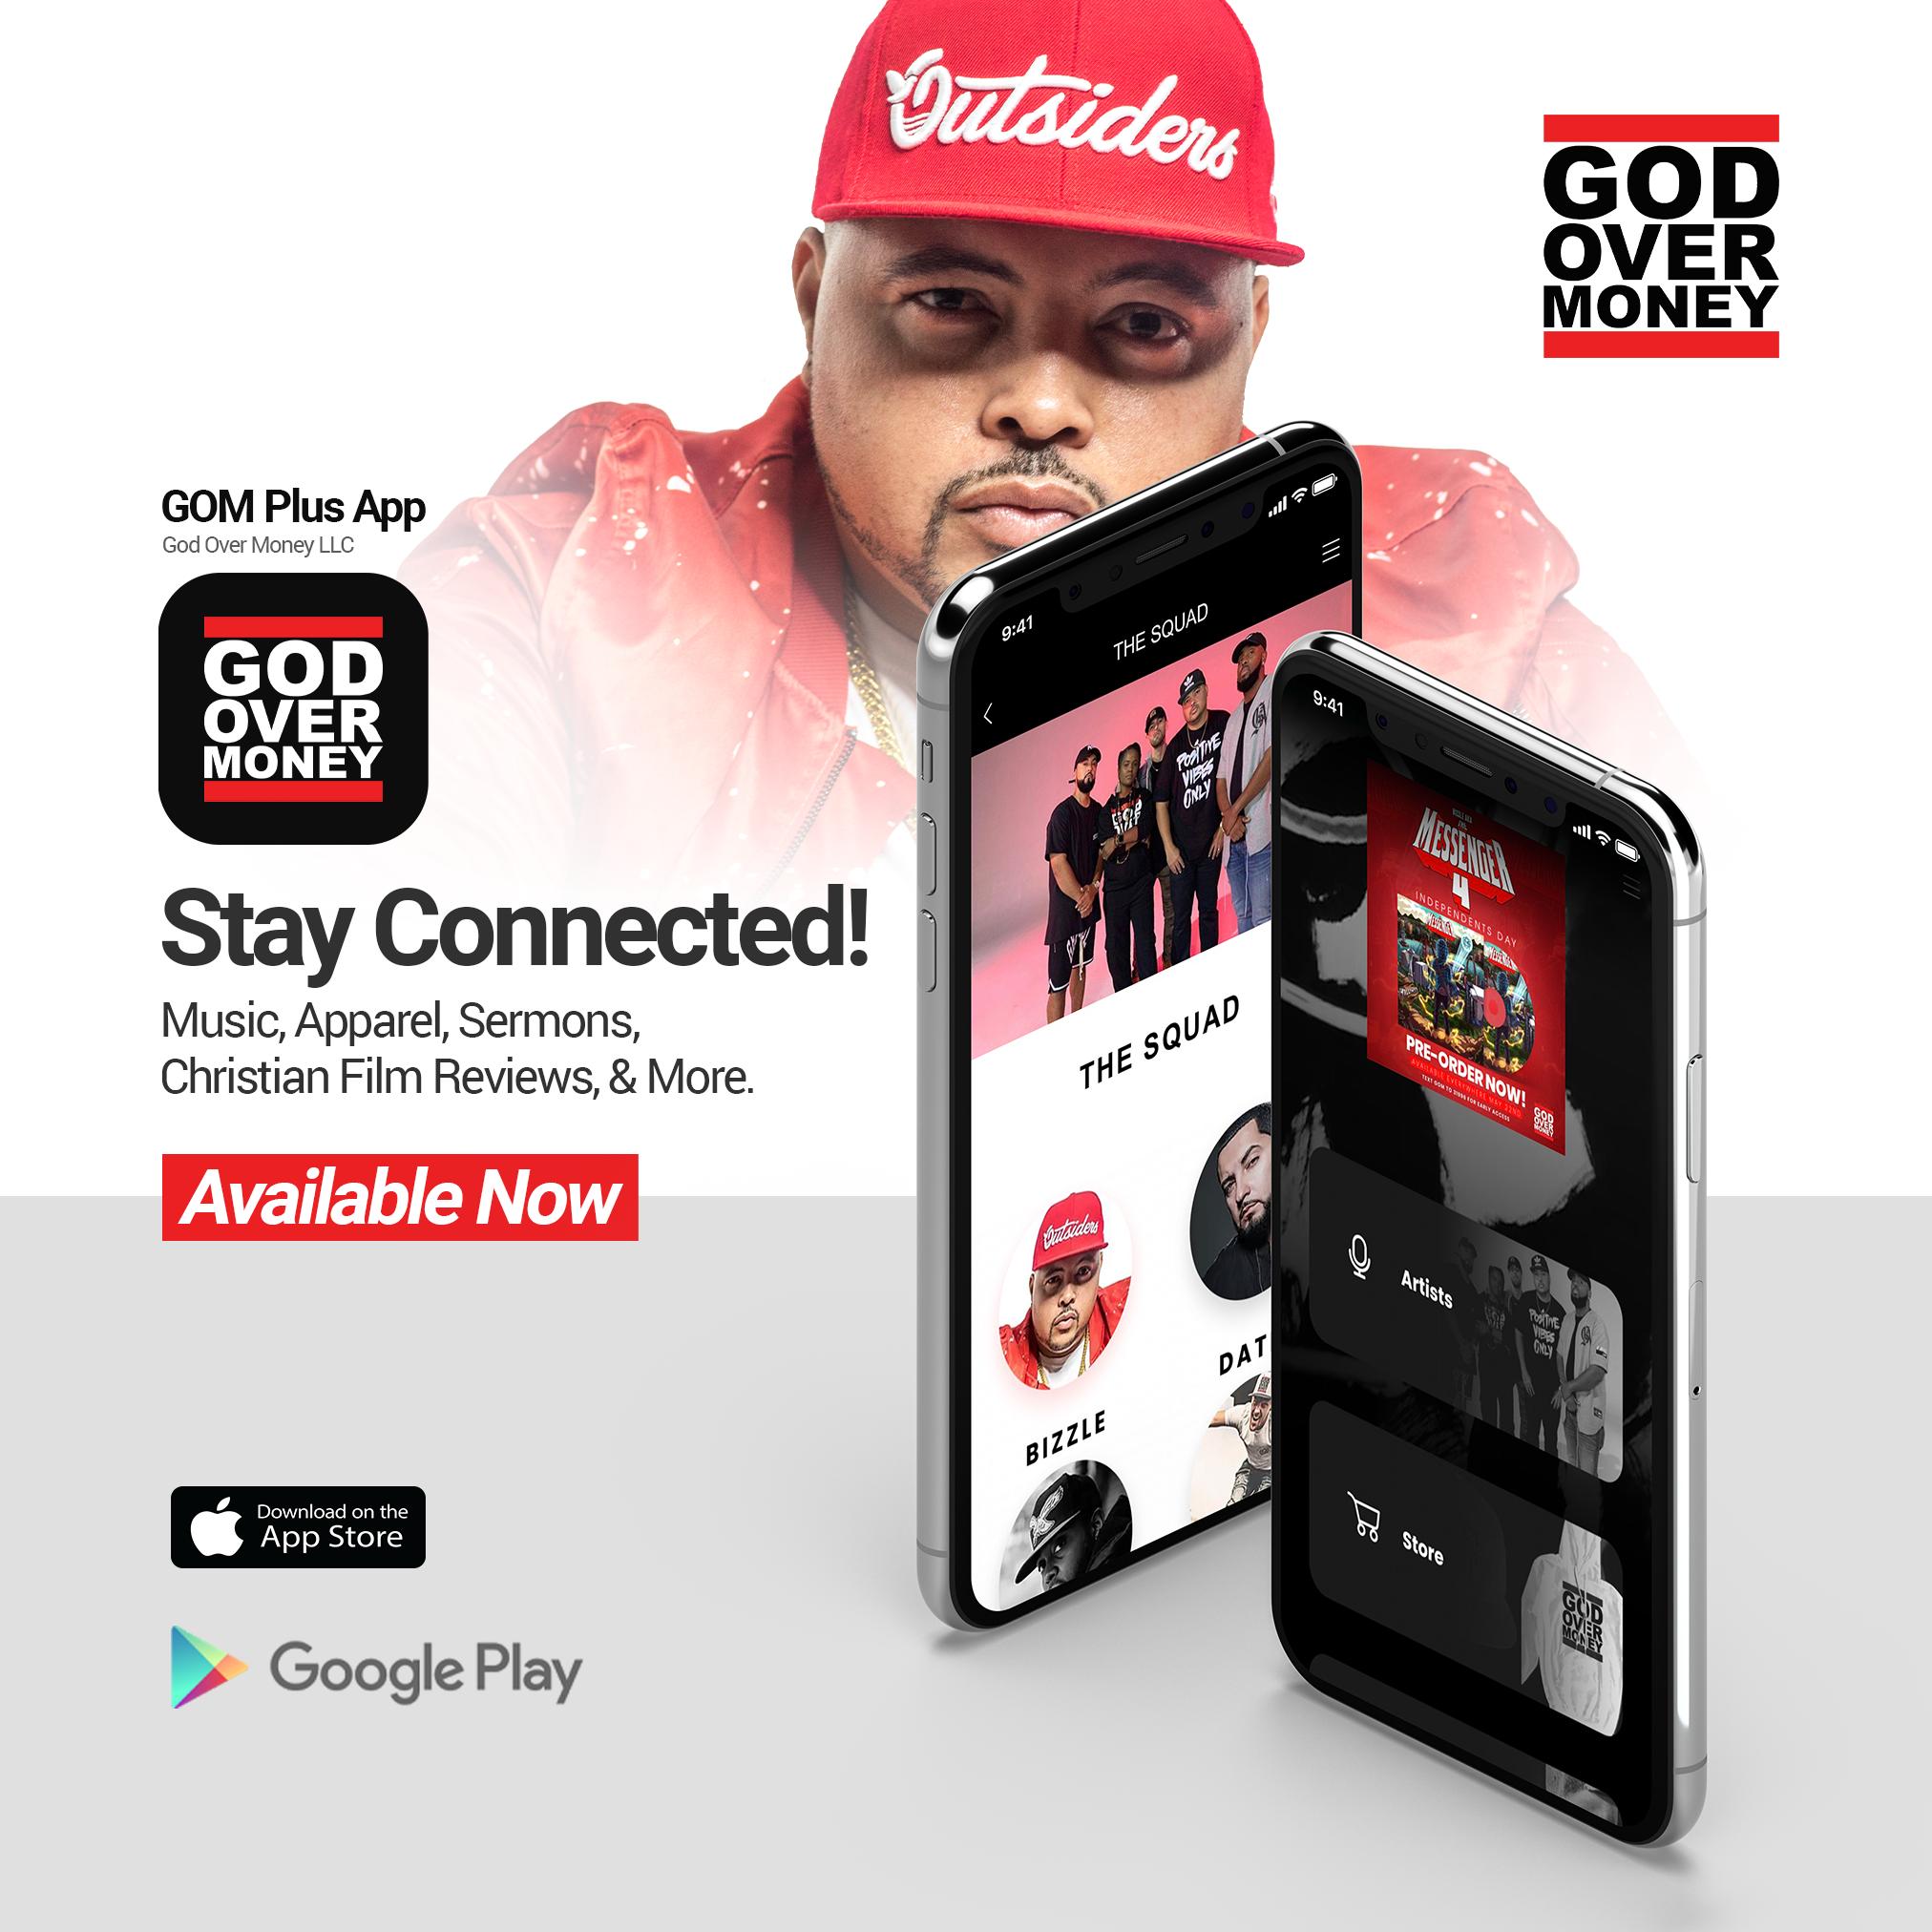 GOM Plus Mobile App